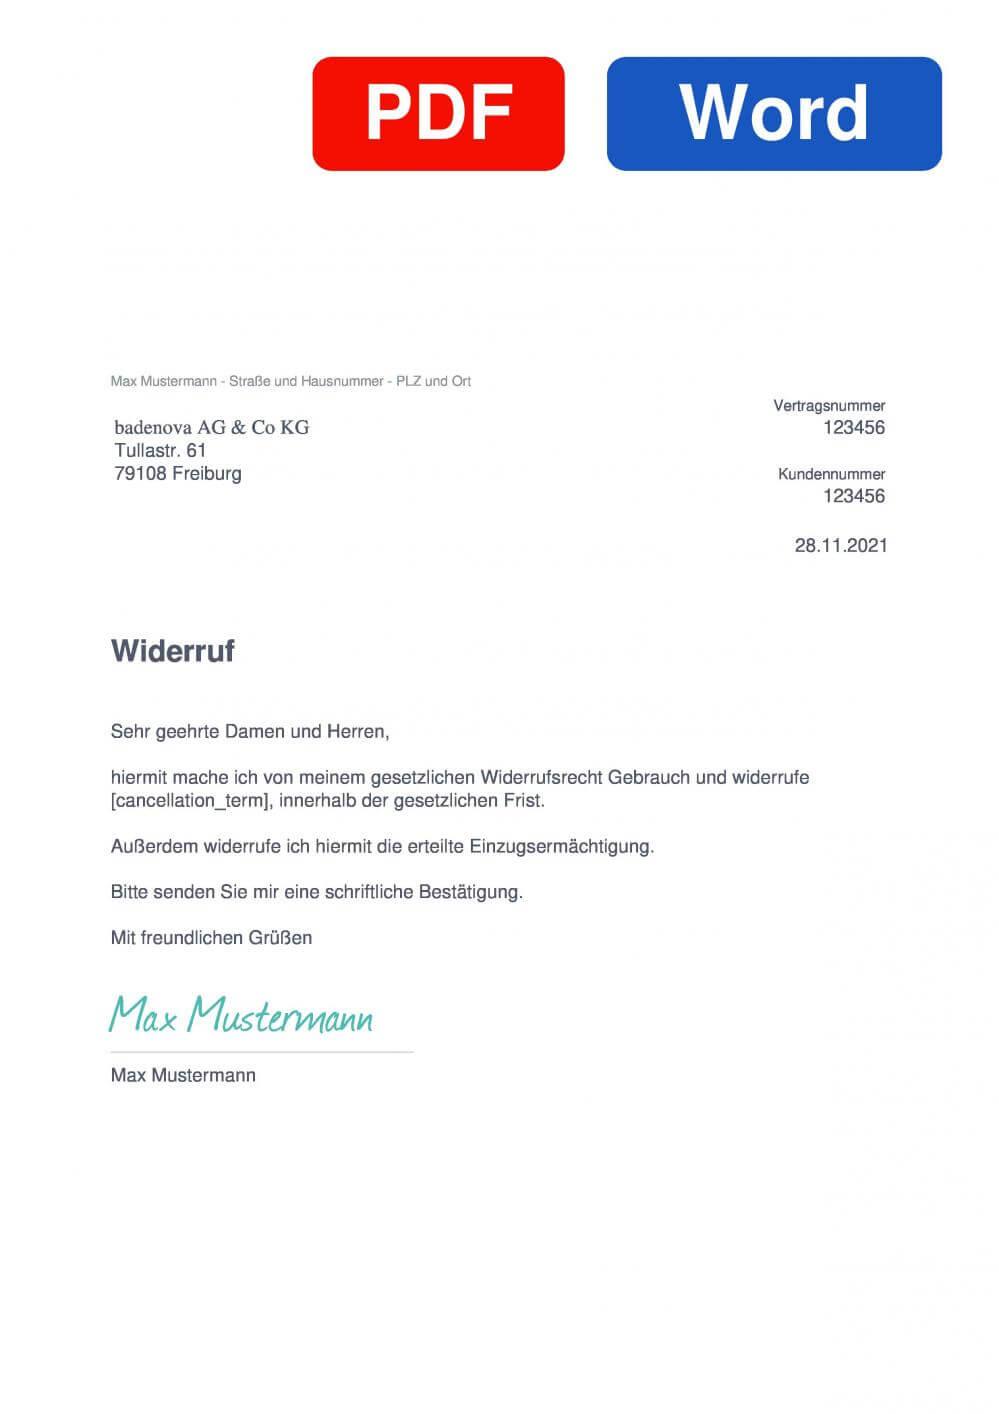 badenova Muster Vorlage für Wiederrufsschreiben